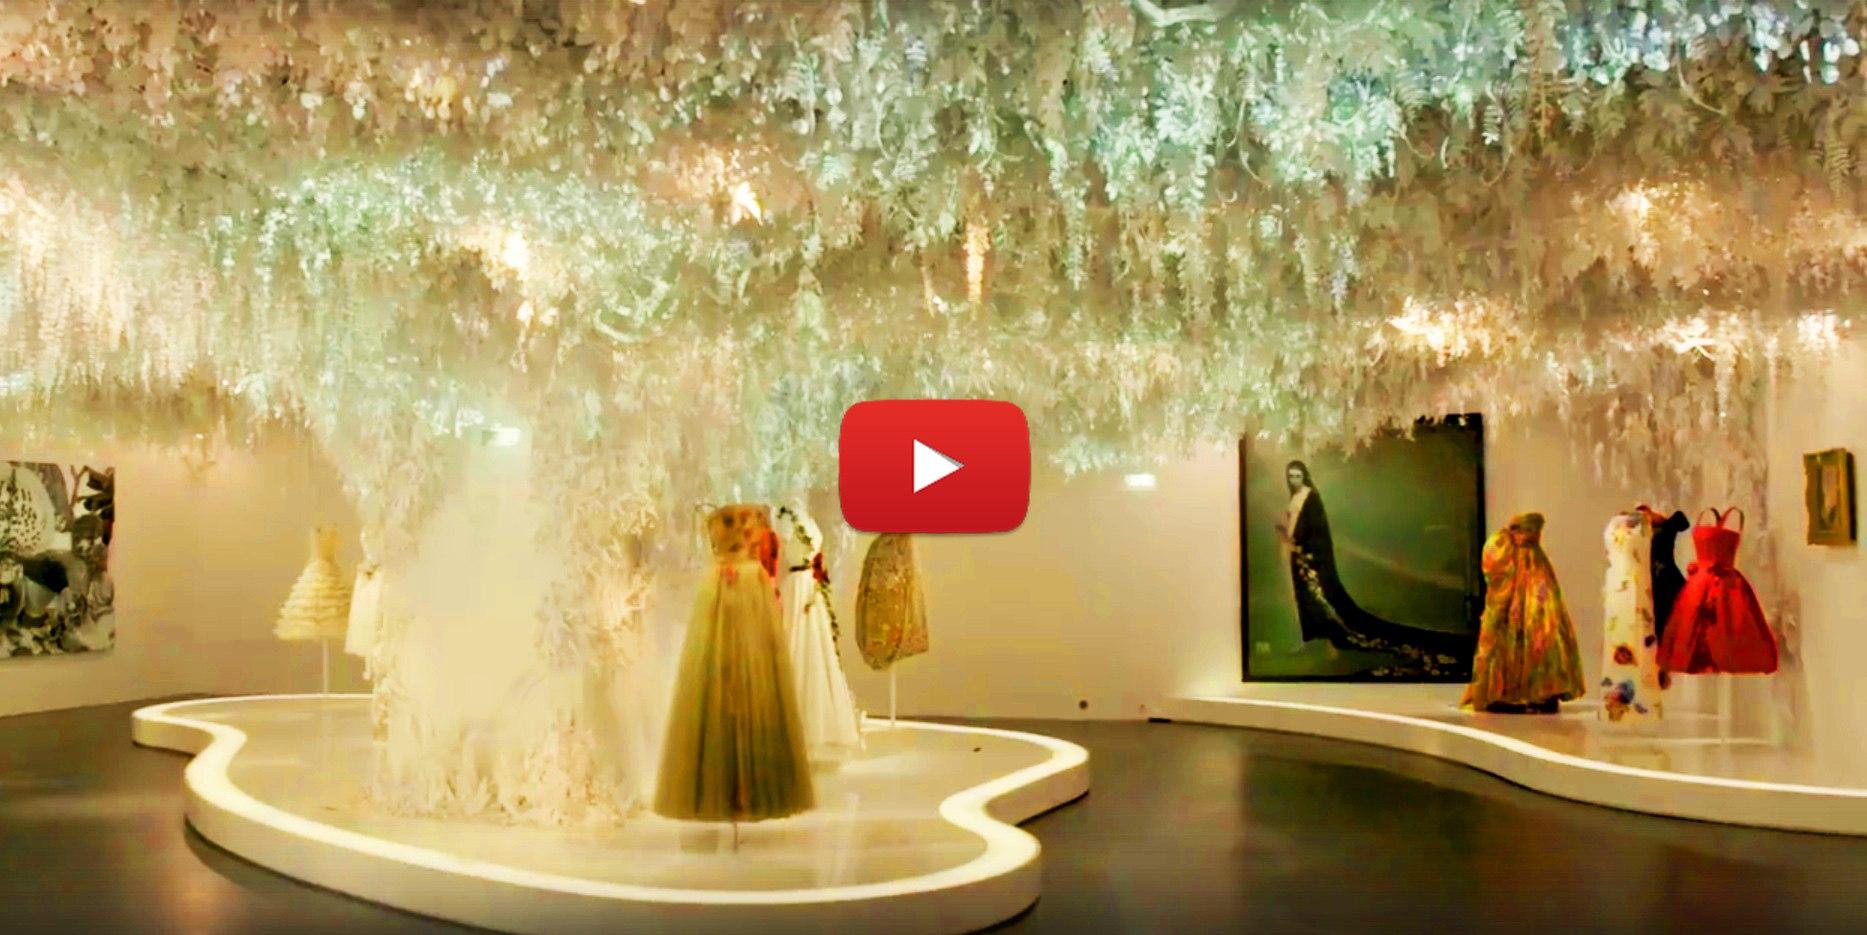 WLTxJAHpvLo - Как сделать подвесной потолок из цветов